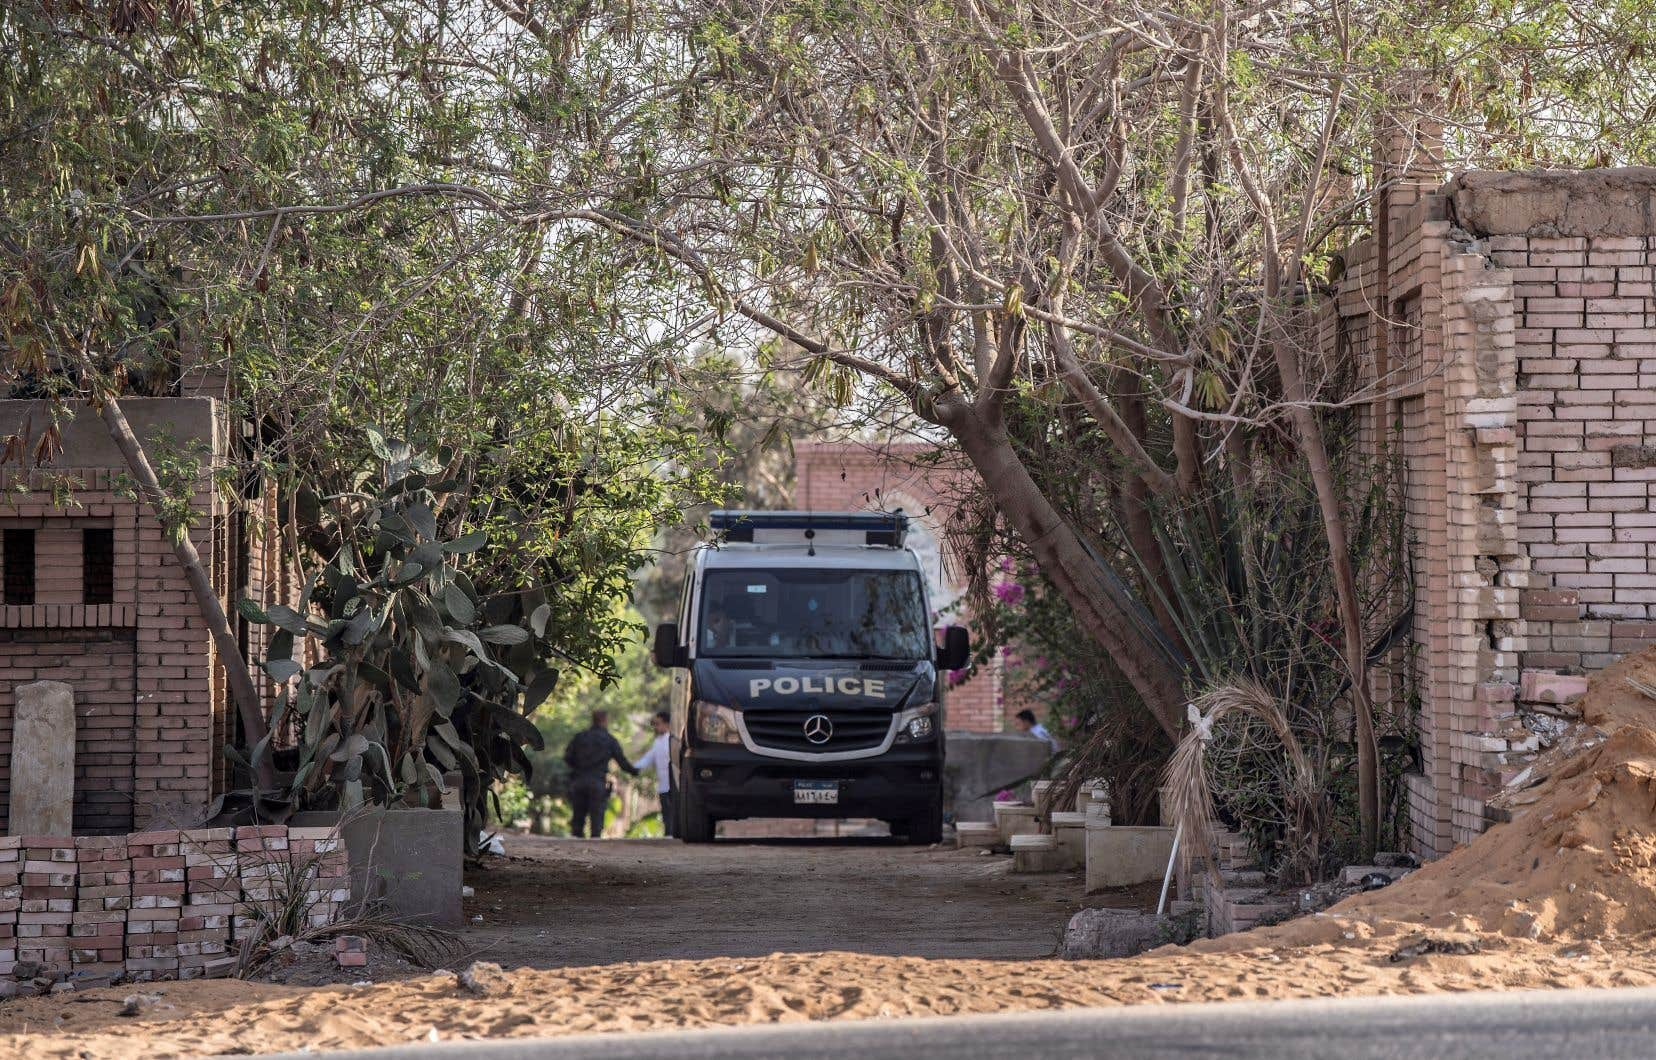 L'enterrement s'est déroulé dans la nuit, dans un quartier bouclé par des policiers qui ont contrôlé chaque véhicule passant à proximité.